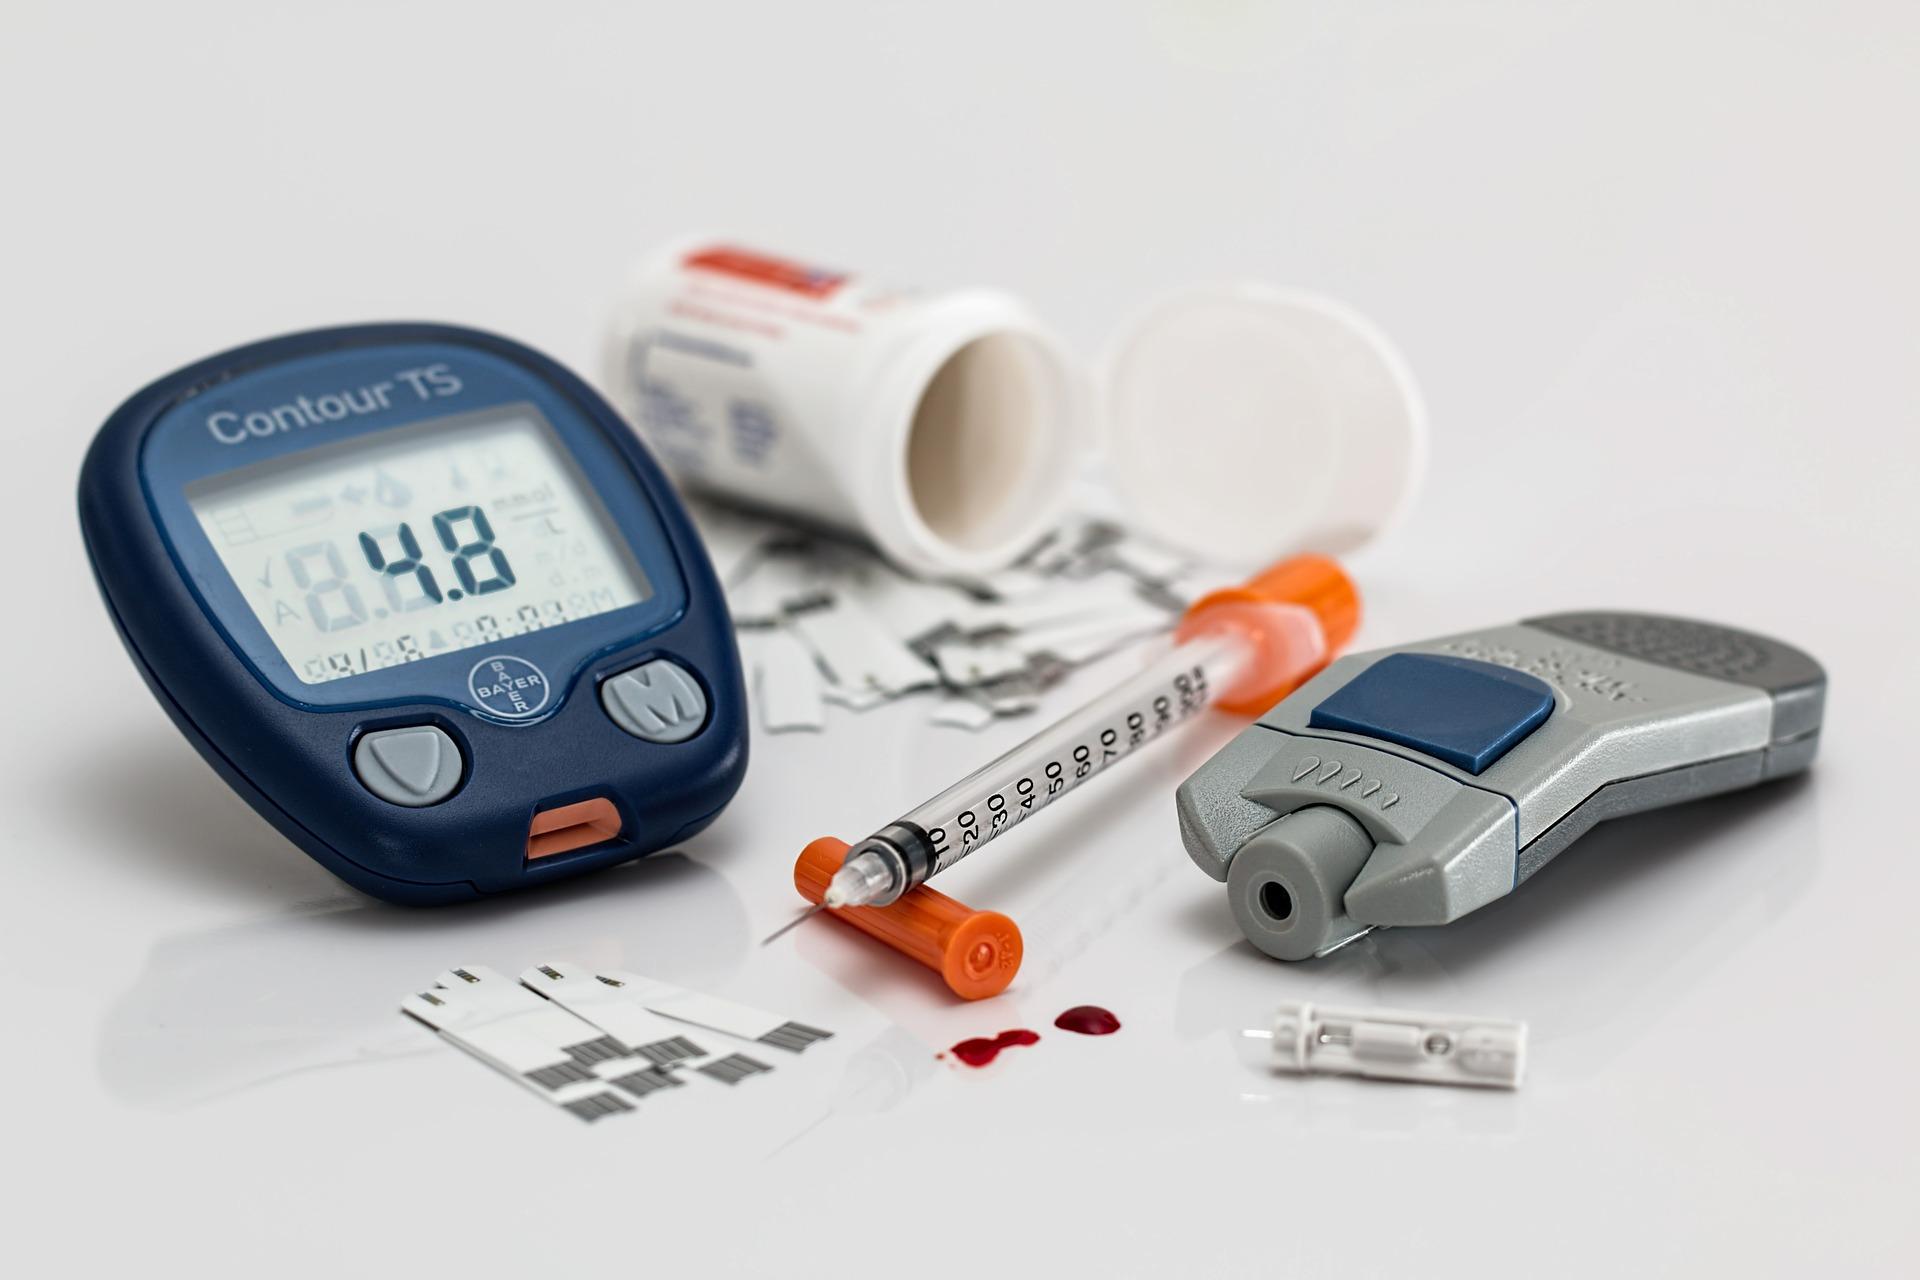 Type 2 diabetes vaak samen met hart- en vaatziekten